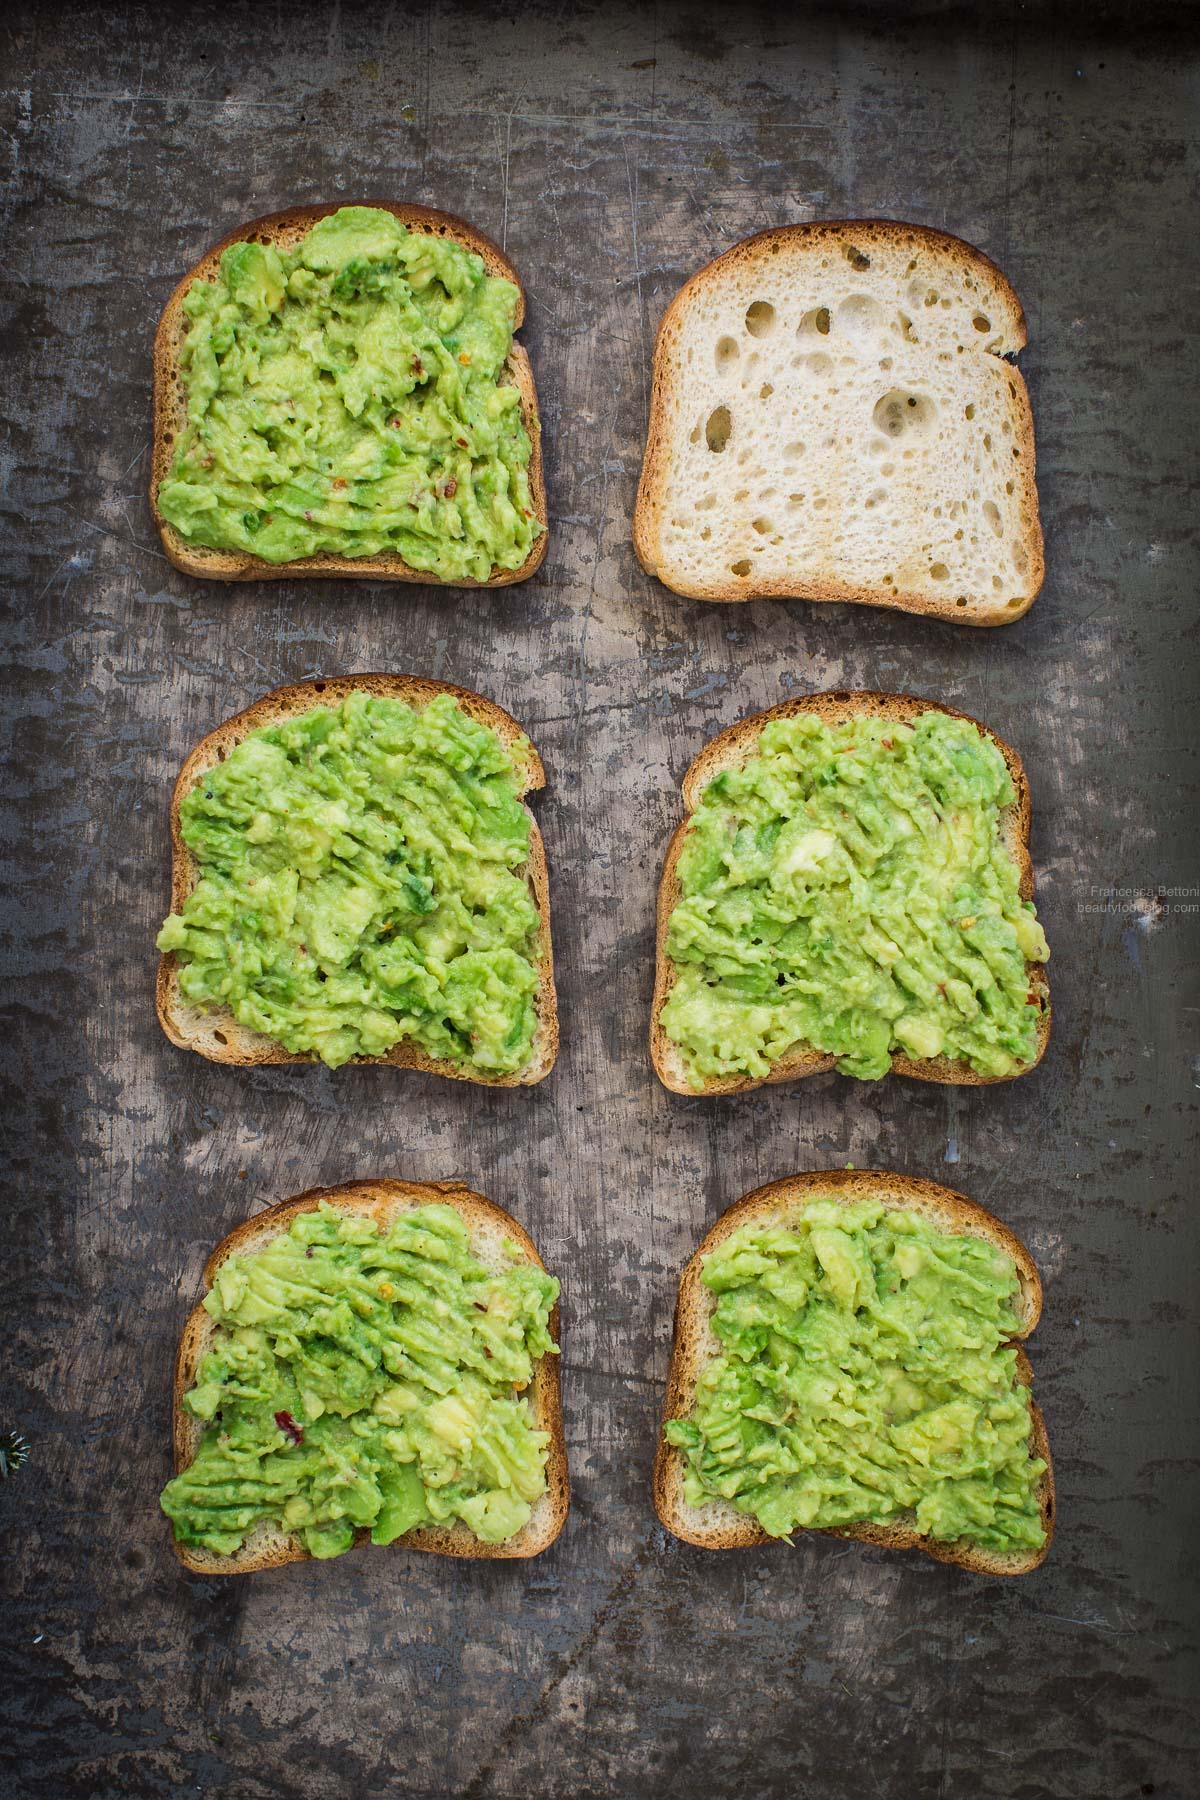 how to make a vegan avocado toast - come preparare l'avocado toast vegan senza glutine